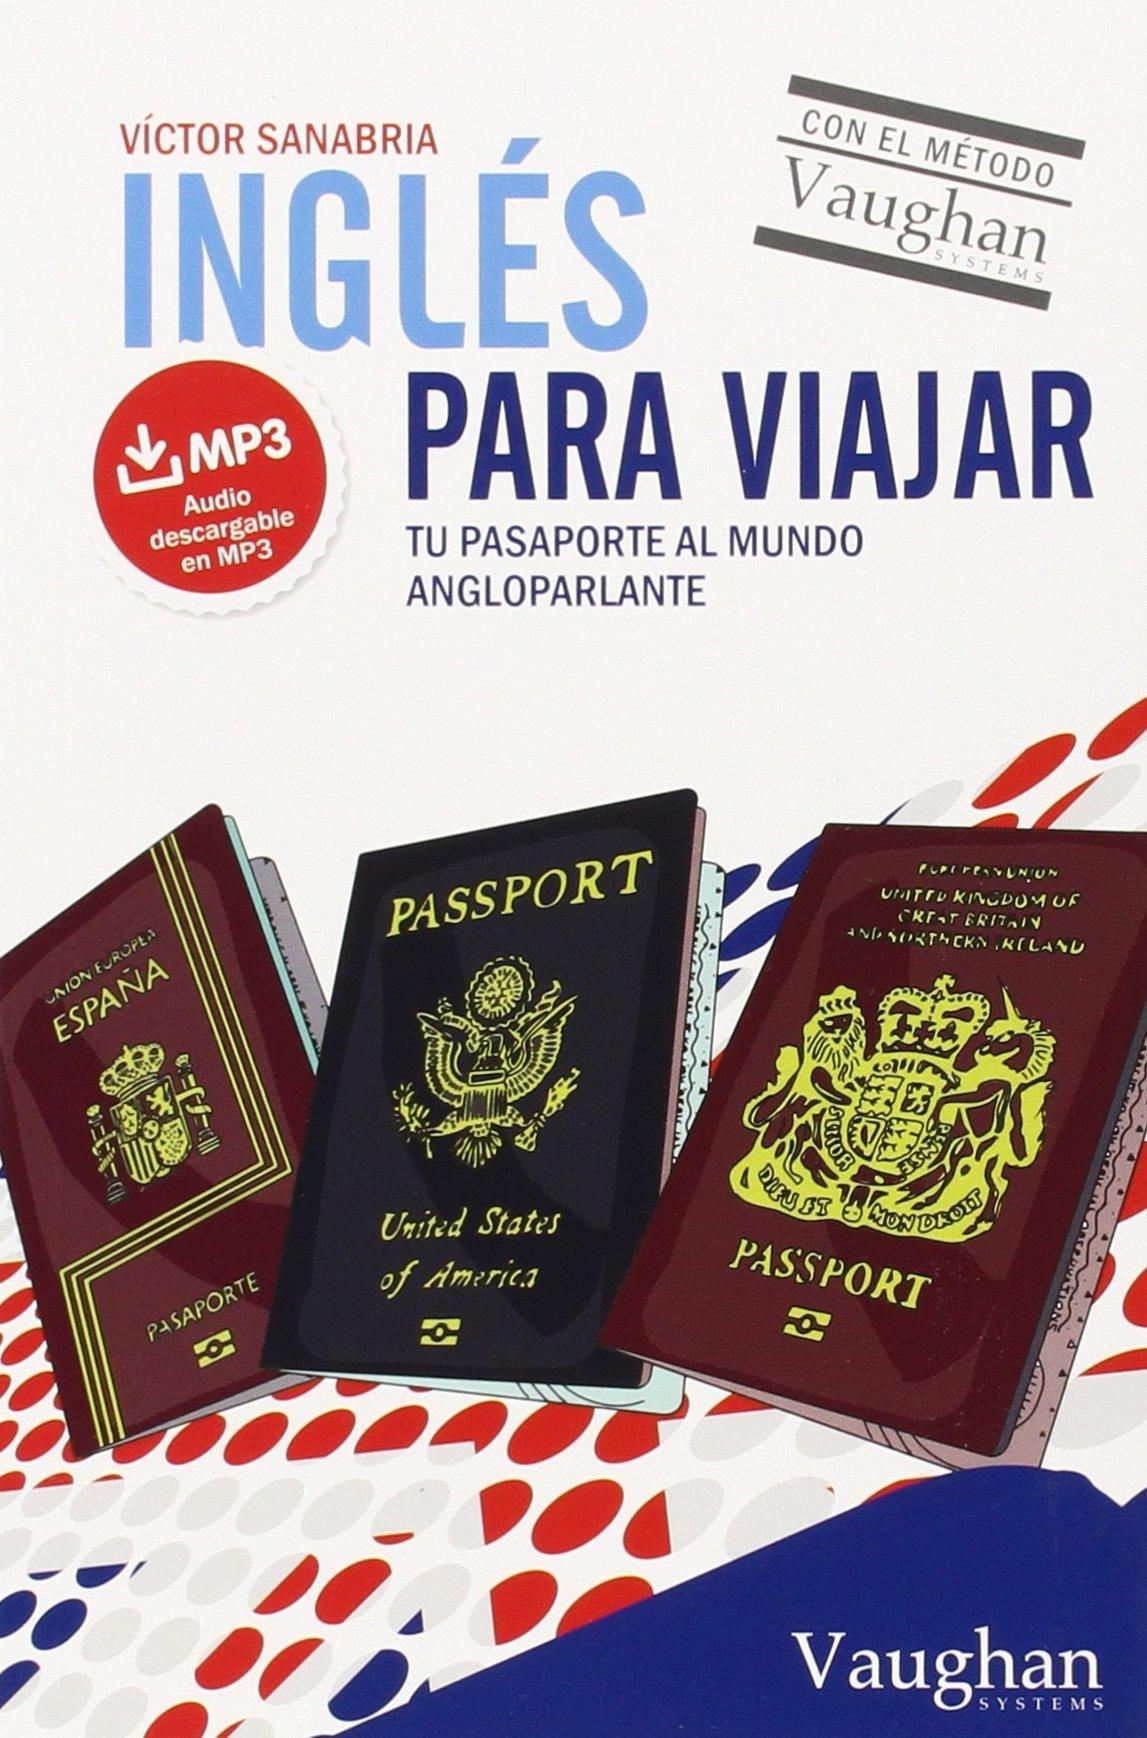 Inglés para viajar: Tu pasaporte al mundo angloparlante Tapa blanda – Audio MP3, 28 may 2015 Víctor Sanabria VAUGHAN 8416094888 Language phrasebooks